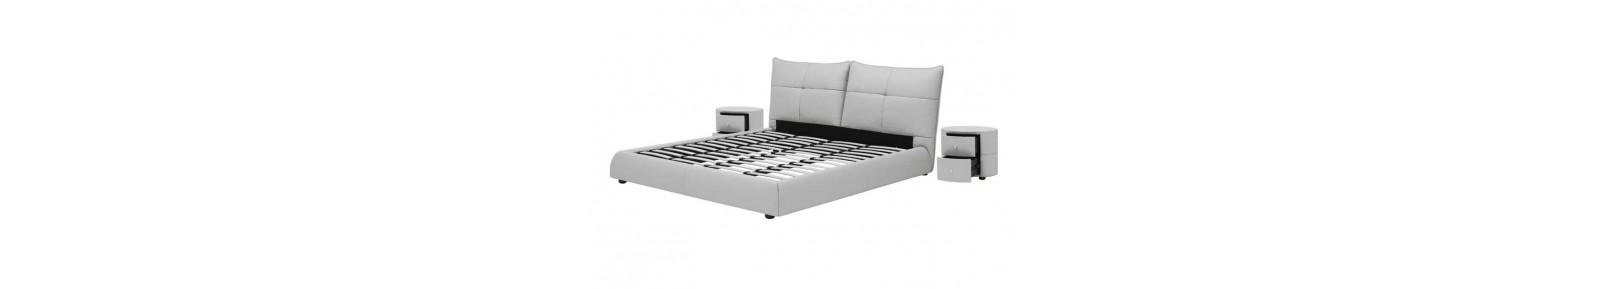 Muebles de dormitorio baratos